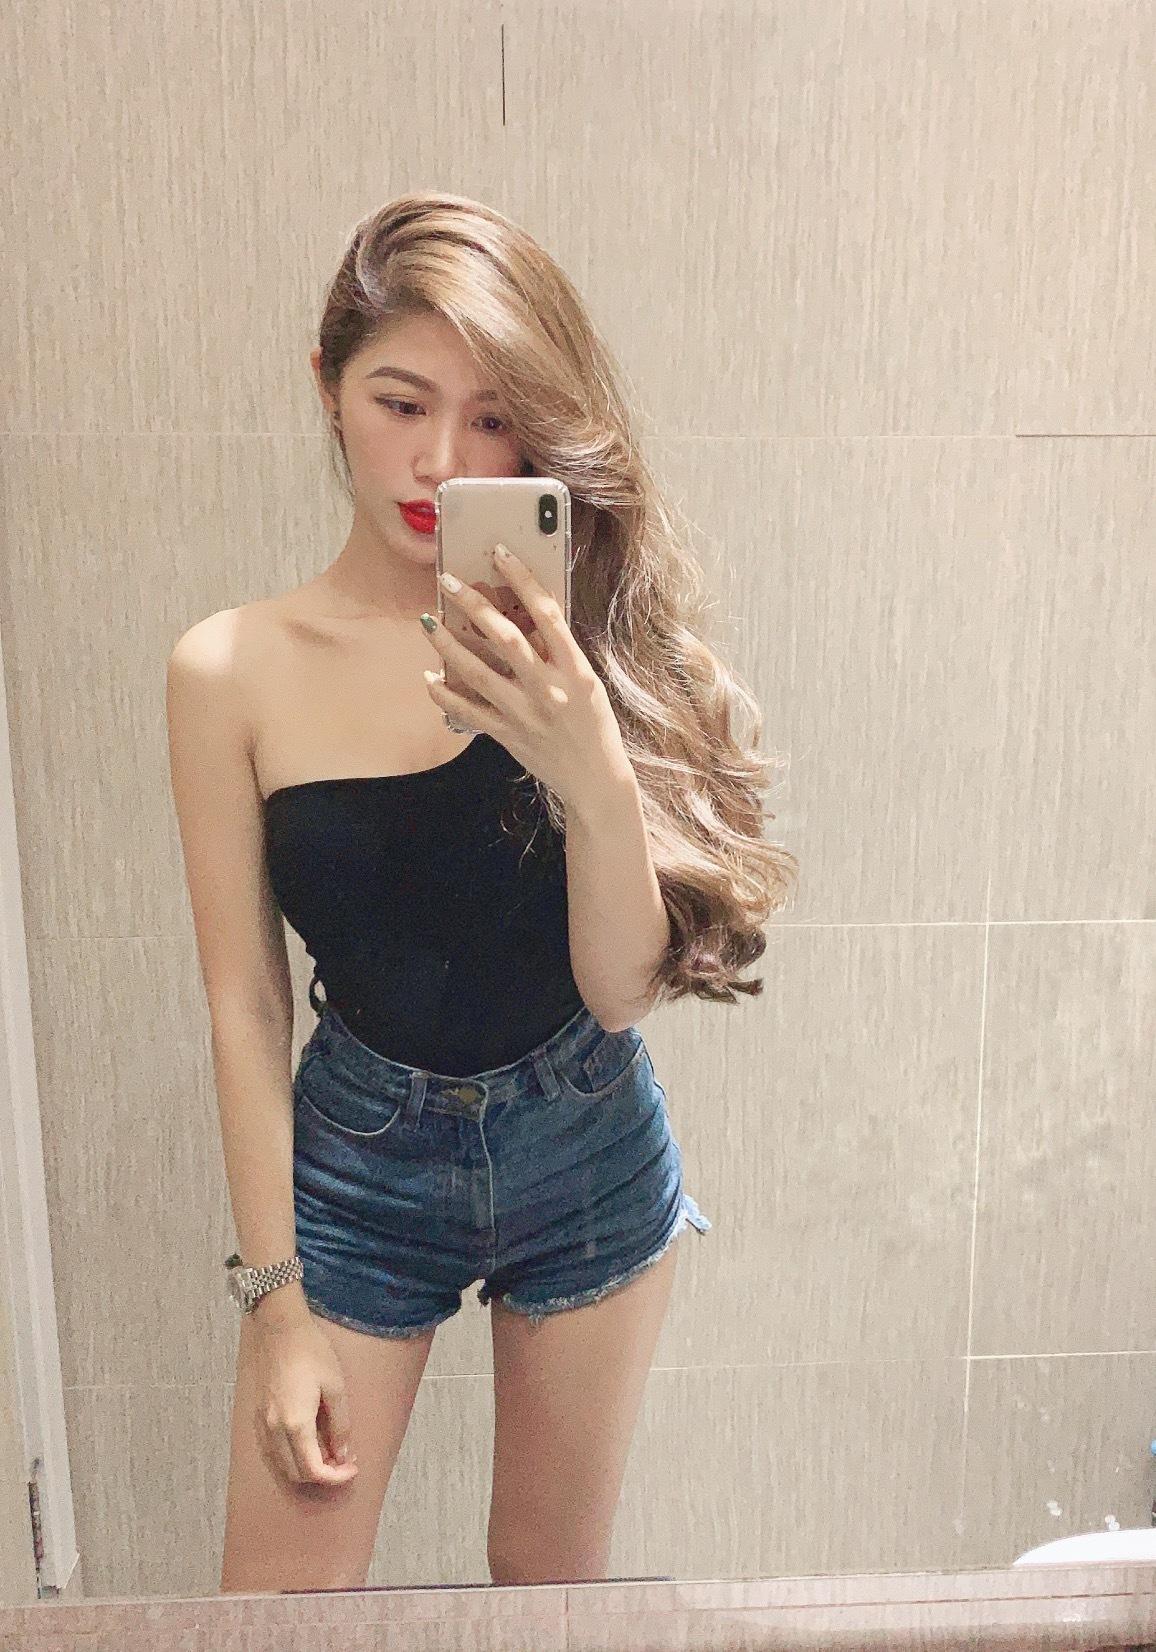 beauty_1565411915765.JPG